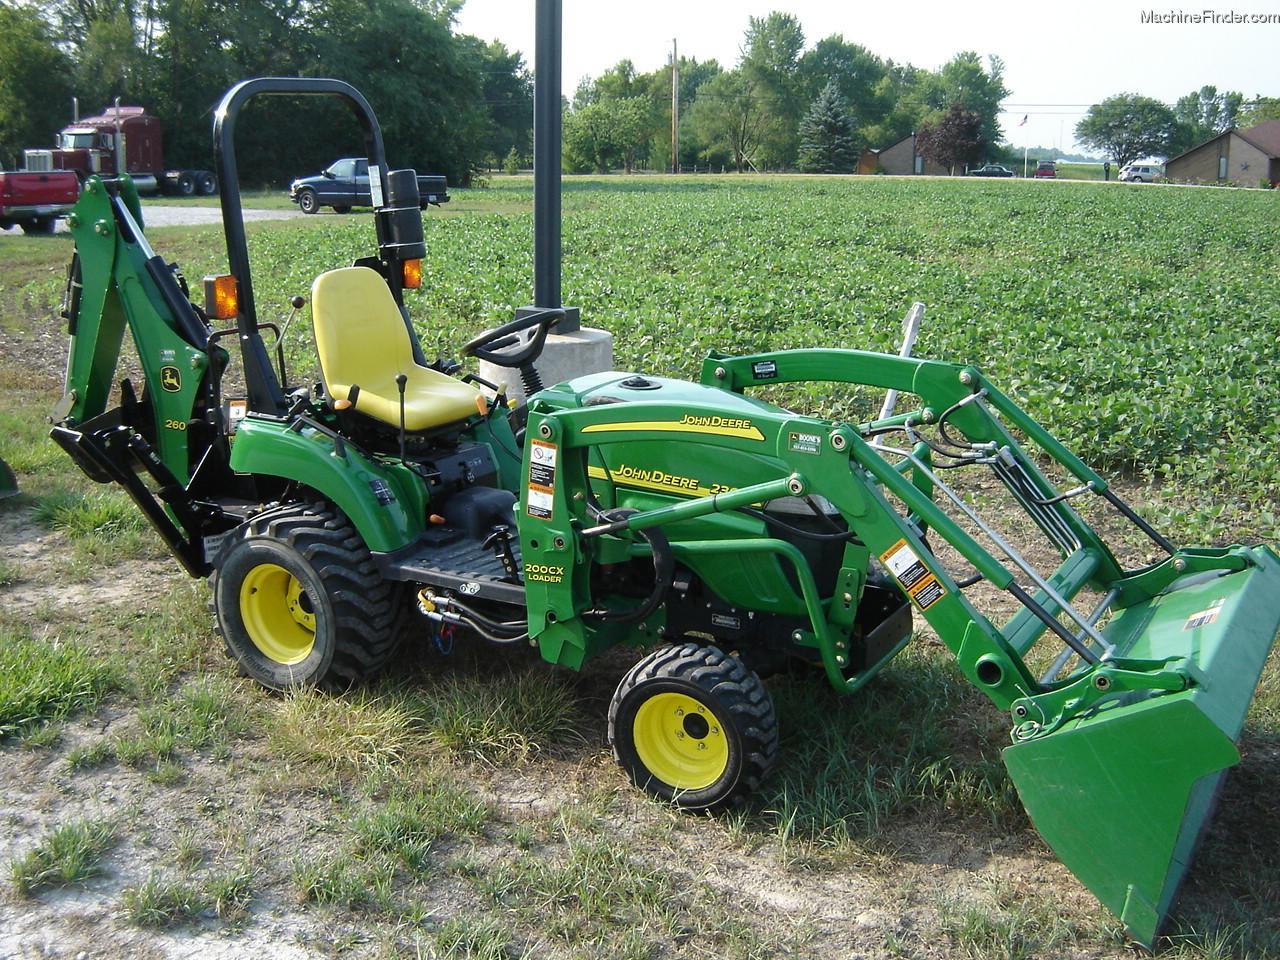 2009 John Deere 2305 Tractors - Compact (1-40hp.) - John Deere ...